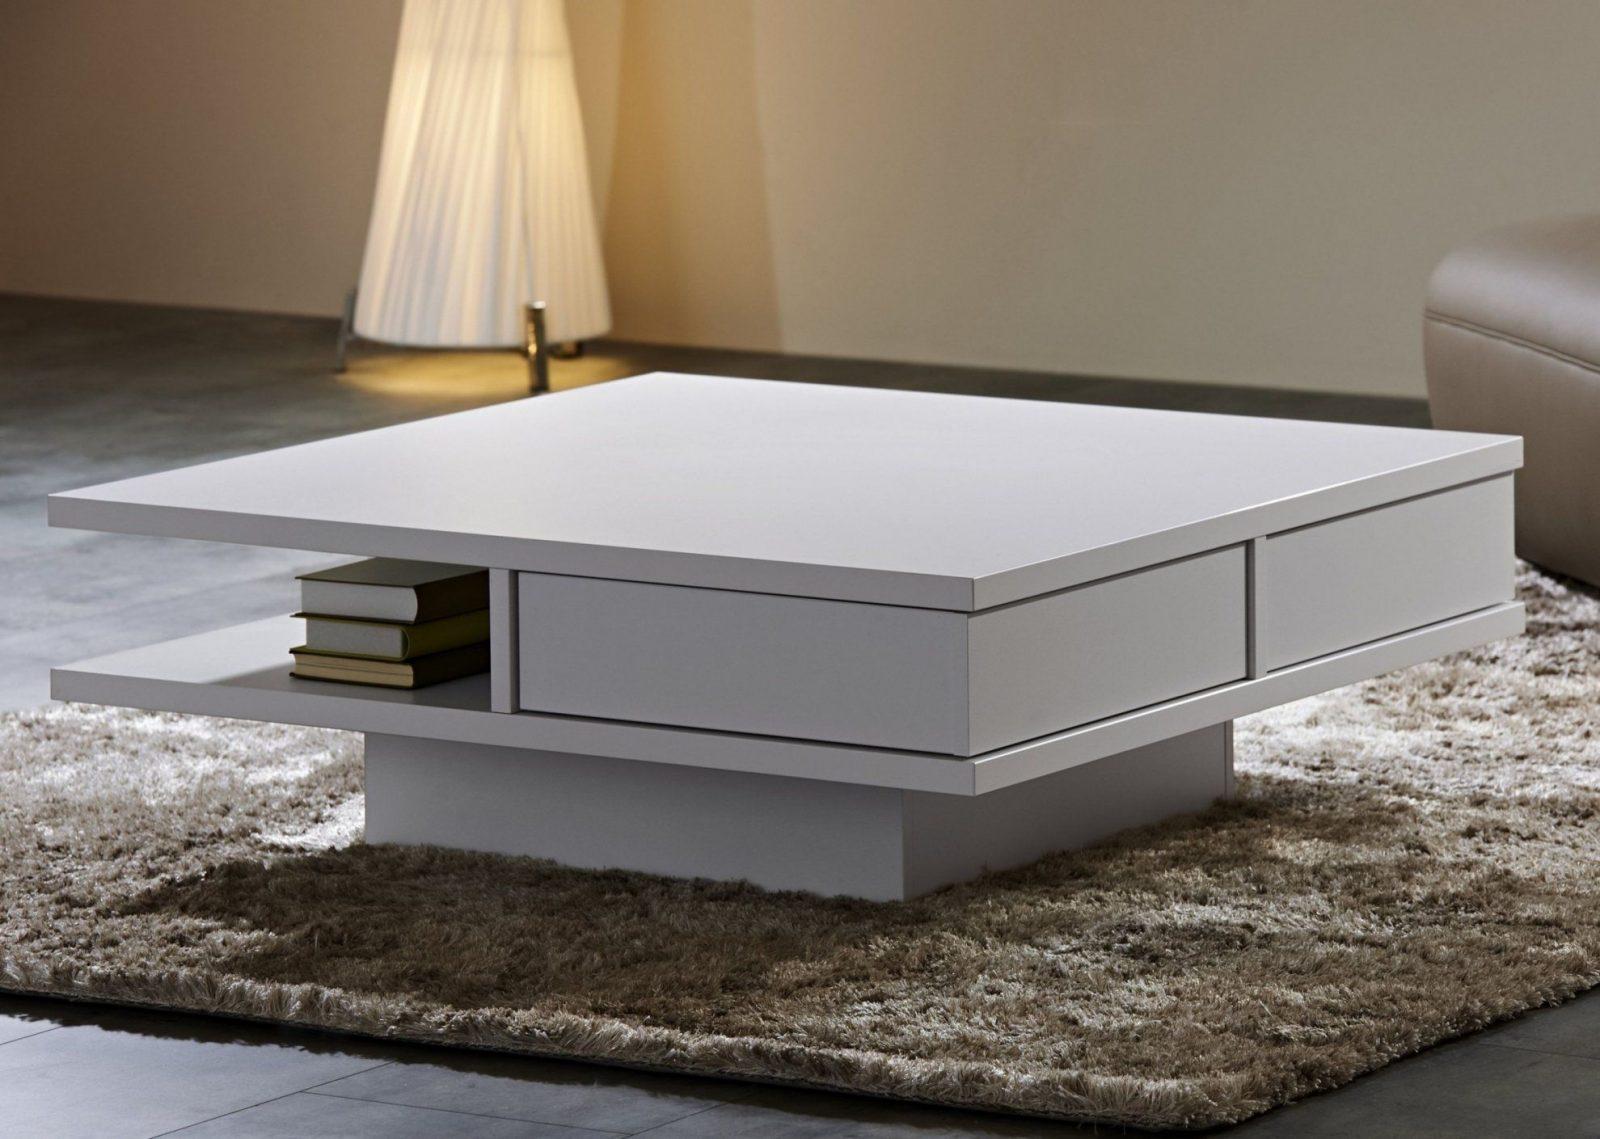 couchtisch hoehenverstellbar weiss einzigartig modern couchtisch von couchtisch h henverstellbar. Black Bedroom Furniture Sets. Home Design Ideas